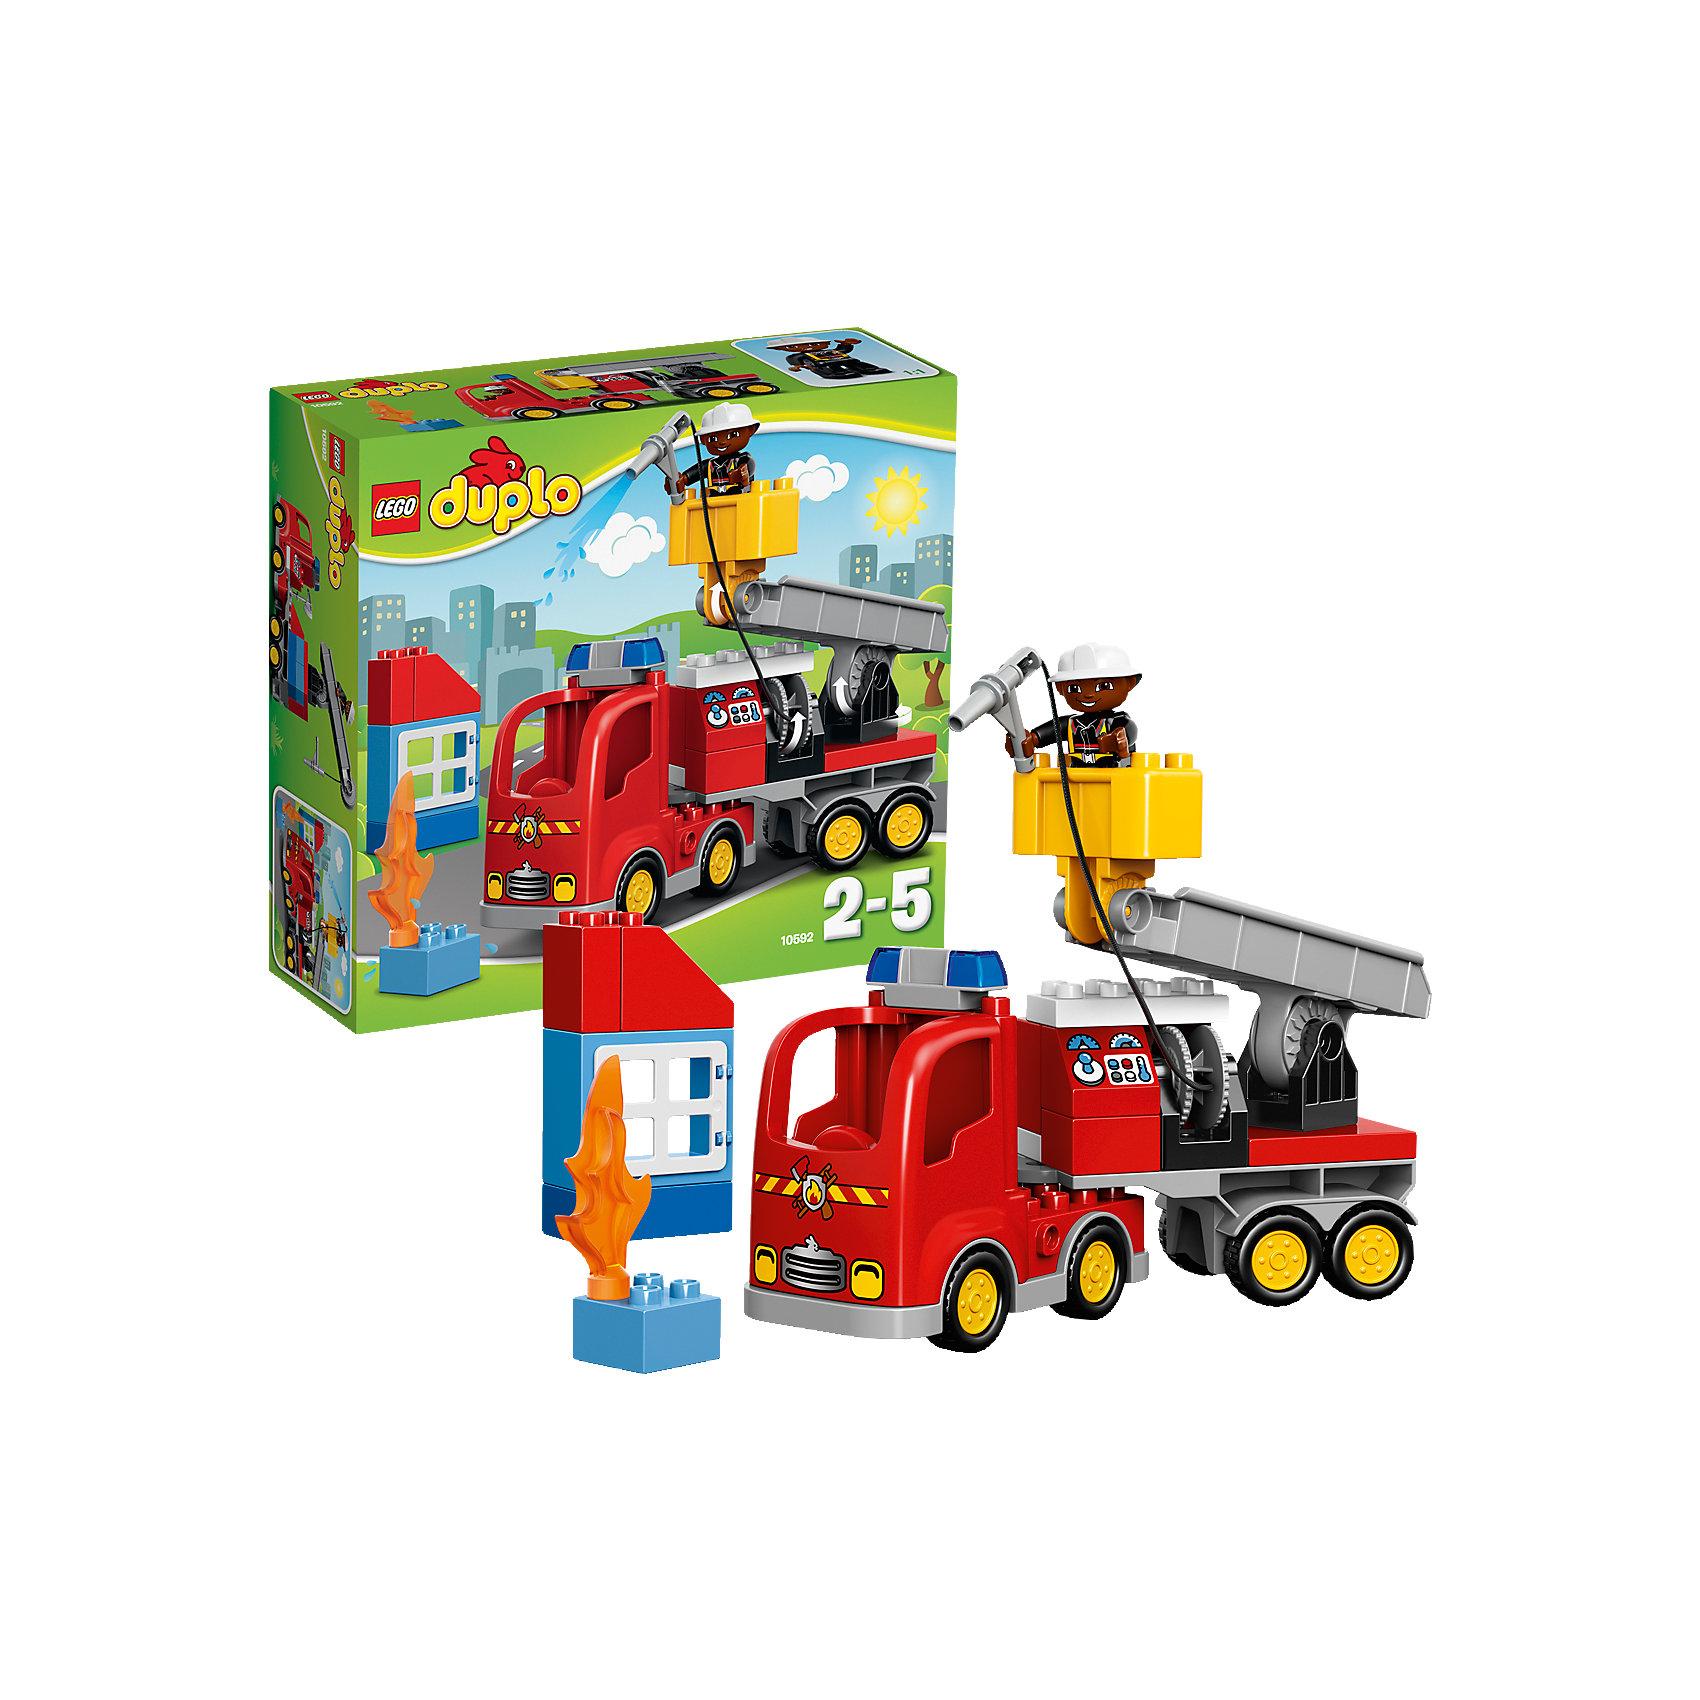 LEGO DUPLO 10592: Пожарный грузовикЗамечательная новинка от LEGO DUPLO (ЛЕГО Дупло) 10592: Пожарный грузовик! Более увлекательного набора для развития ребенка просто не найти. Крупные яркие кубики легко соединяются: пару движений и пожарная машина со стрелой и лебедкой для пожарного готова. Грузовик очень интересный: он оснащен мигалкой, боковыми отсеками и пожарным рукавом. Посадите пожарного в кабину специальной машины и спешите к месту возгорания. Загорелось высотное здание, но это не помеха. Поместите спасателя в подвижную лебедку и поднимайте наверх. Не забудьте размотать пожарный рукав и можно тушить. Но на этом работа спасателя не закончена: он обязательно должен проверить здание. Малыш придумает для этой чудо-машины и спасателя множество интересных миссий. Строя машину, домик и просто соединяя детали между собой ребёнок в увлекательной игровой форме тренирует мелкую моторику и координацию. Создайте интересные и увлекательные сюжеты с набором LEGO DUPLO (ЛЕГО Дупло) 10592: Пожарный грузовик или объедините его с другими наборами серии и игра станет еще увлекательнее!  <br><br>Конструкторы LEGO DUPLO (ЛЕГО ДУПЛО) созданы специально для детей дошкольного возраста. Они сочетают увлекательную игру и обучение, а также развивают мелкую моторику, пространственное мышление и творческие способности малышей. Кубики LEGO DUPLO (ЛЕГО ДУПЛО) в 8 раз больше, чем обычные, что позволяет ребенку удобно держать их ручками и быстро строить. Большое количество дополнительных элементов делает игровые сюжеты по-настоящему захватывающими и реалистичными. Все наборы LEGO DUPLO (ЛЕГО ДУПЛО) соответствуют самым высоким европейским стандартам качества и абсолютно безопасны. <br><br>Дополнительная информация:<br><br>- Конструкторы LEGO (ЛЕГО) отлично развивают моторику, мышление и фантазию Вашего ребенка;<br>- В комплекте: минифигурка спасателя, пожарный рукав, пламя, детали набора;<br>- Количество деталей: 26 шт;<br>- Идеальный первый конструктор;<br>- Серия: LEGO DUPLO (ЛЕГО Дупло);<br